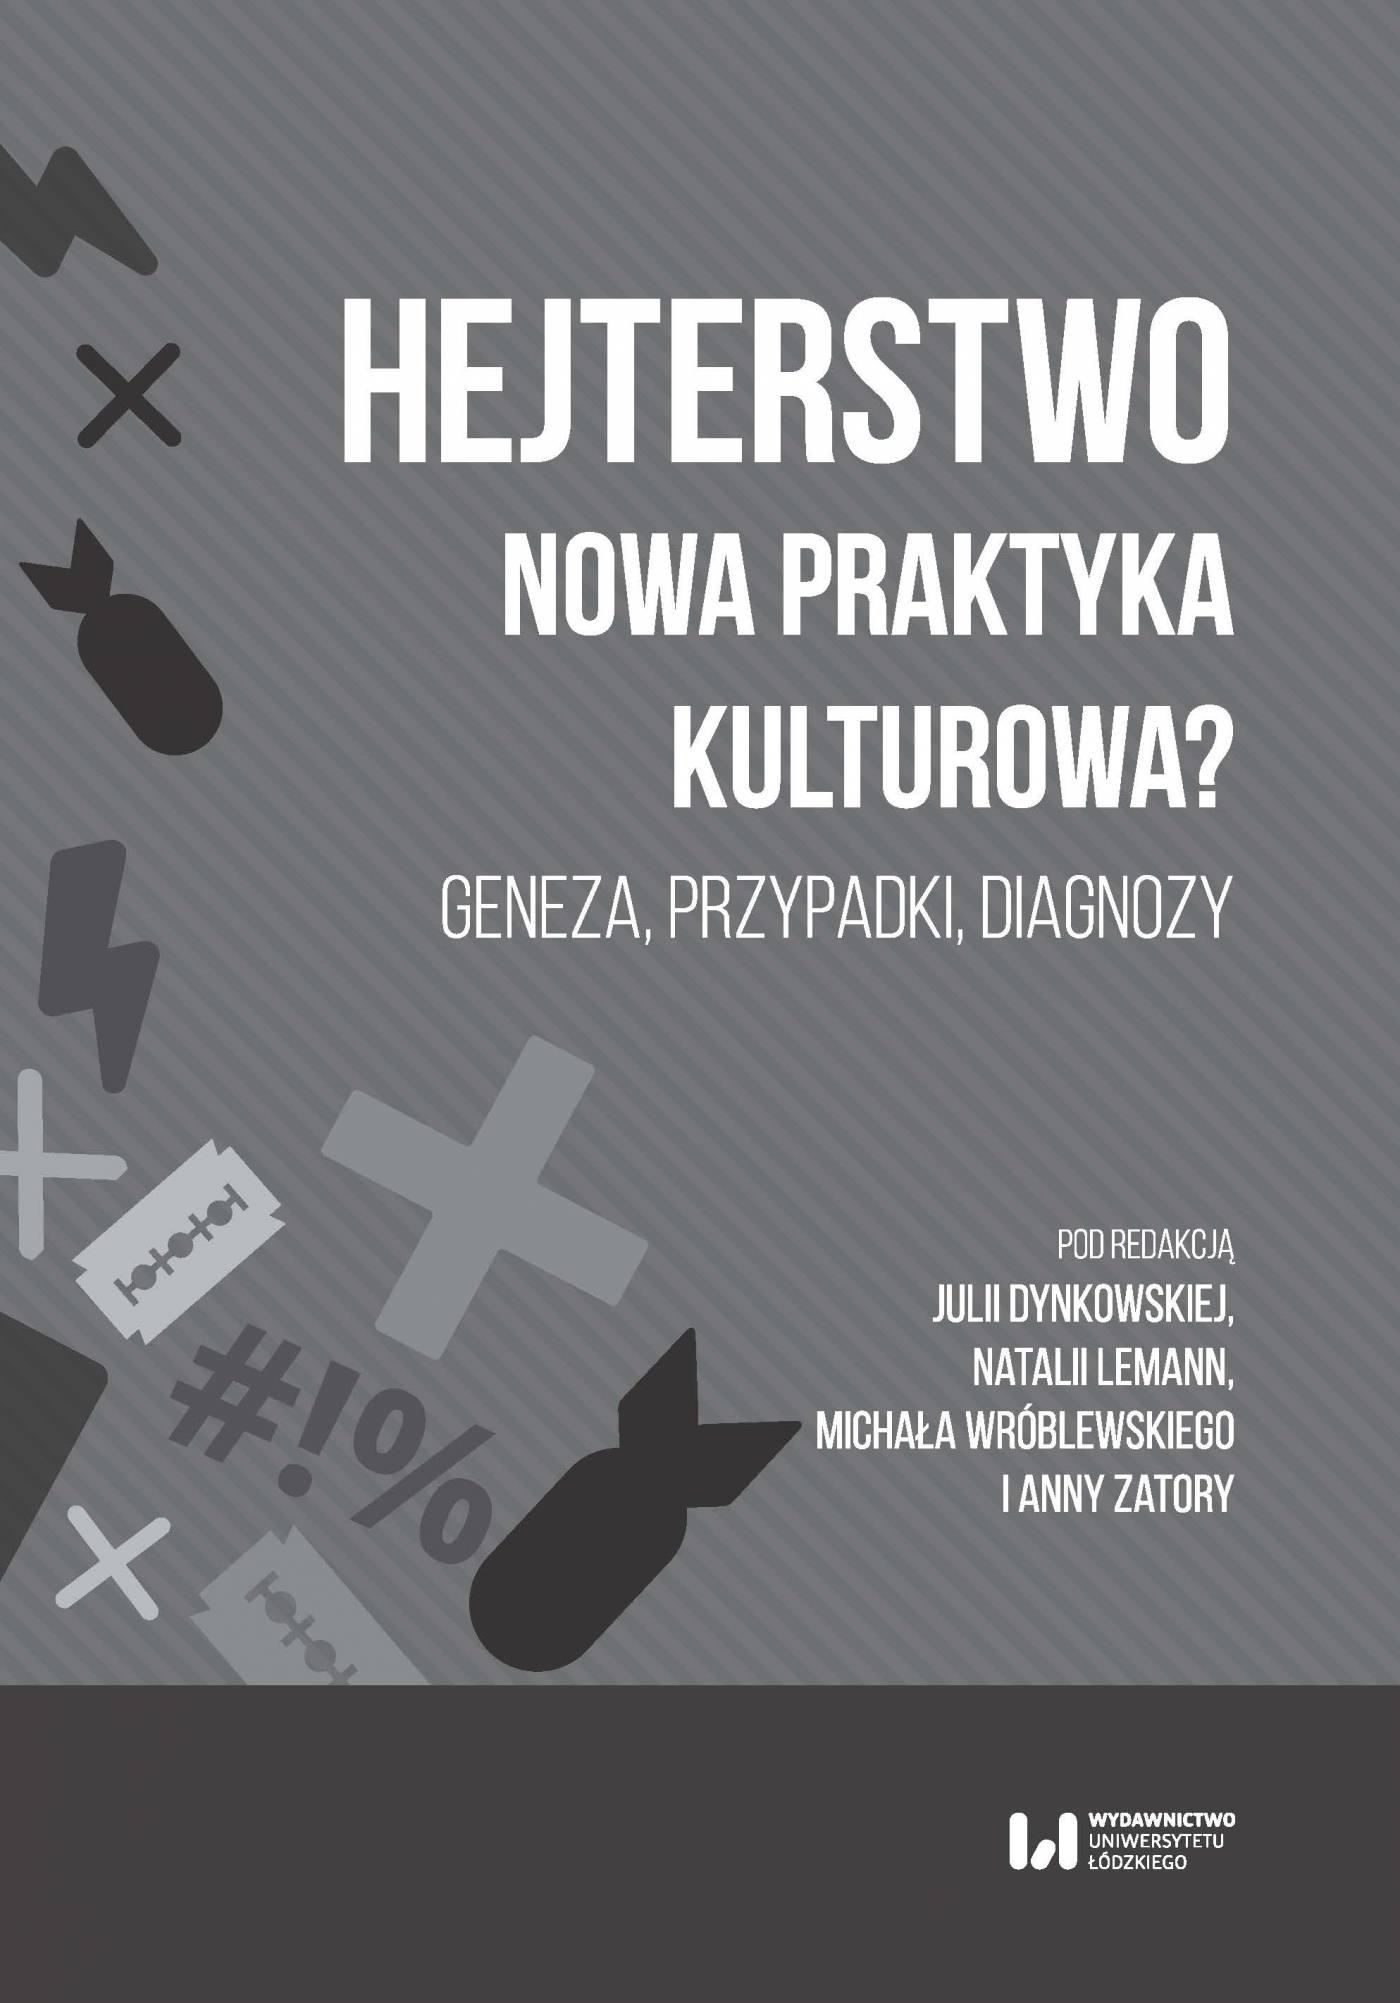 Hejterstwo. Nowa praktyka kulturowa? Geneza, przypadki, diagnozy - Ebook (Książka PDF) do pobrania w formacie PDF